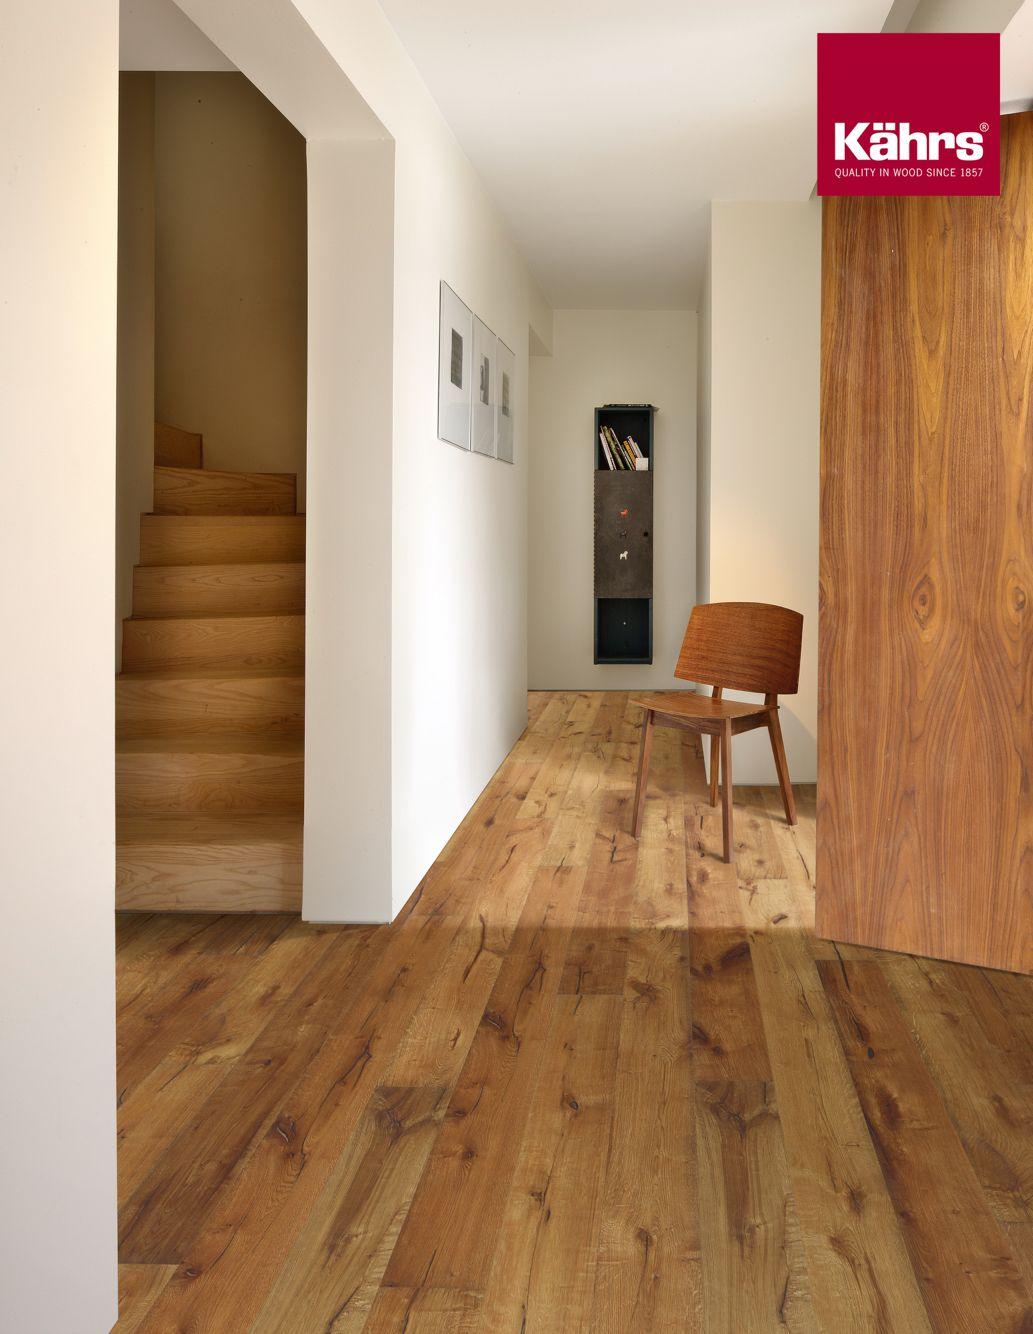 Kährs Parkett : nachhaltig wohnen mit Holz #Rademann ...